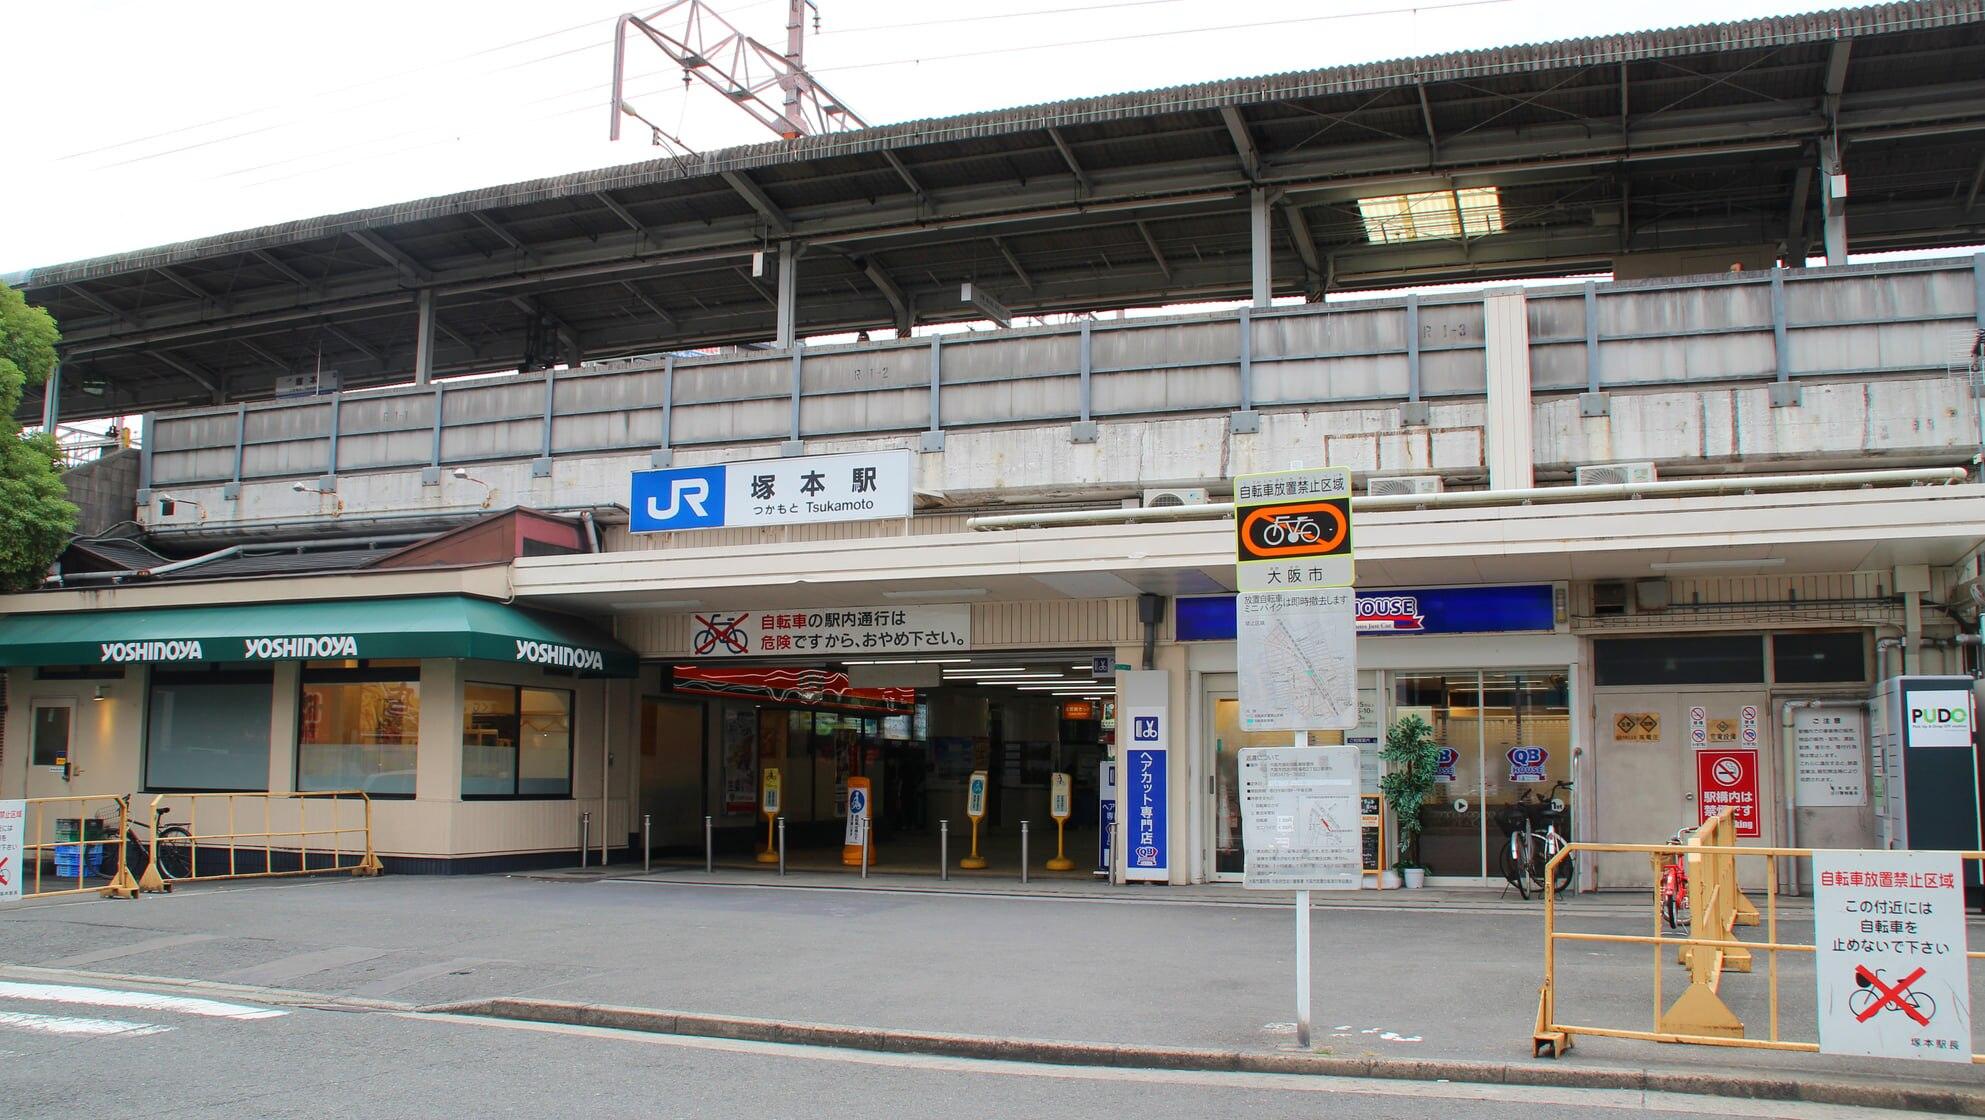 大阪・塚本周辺でおすすめのホテル9選|大阪駅からたった4分